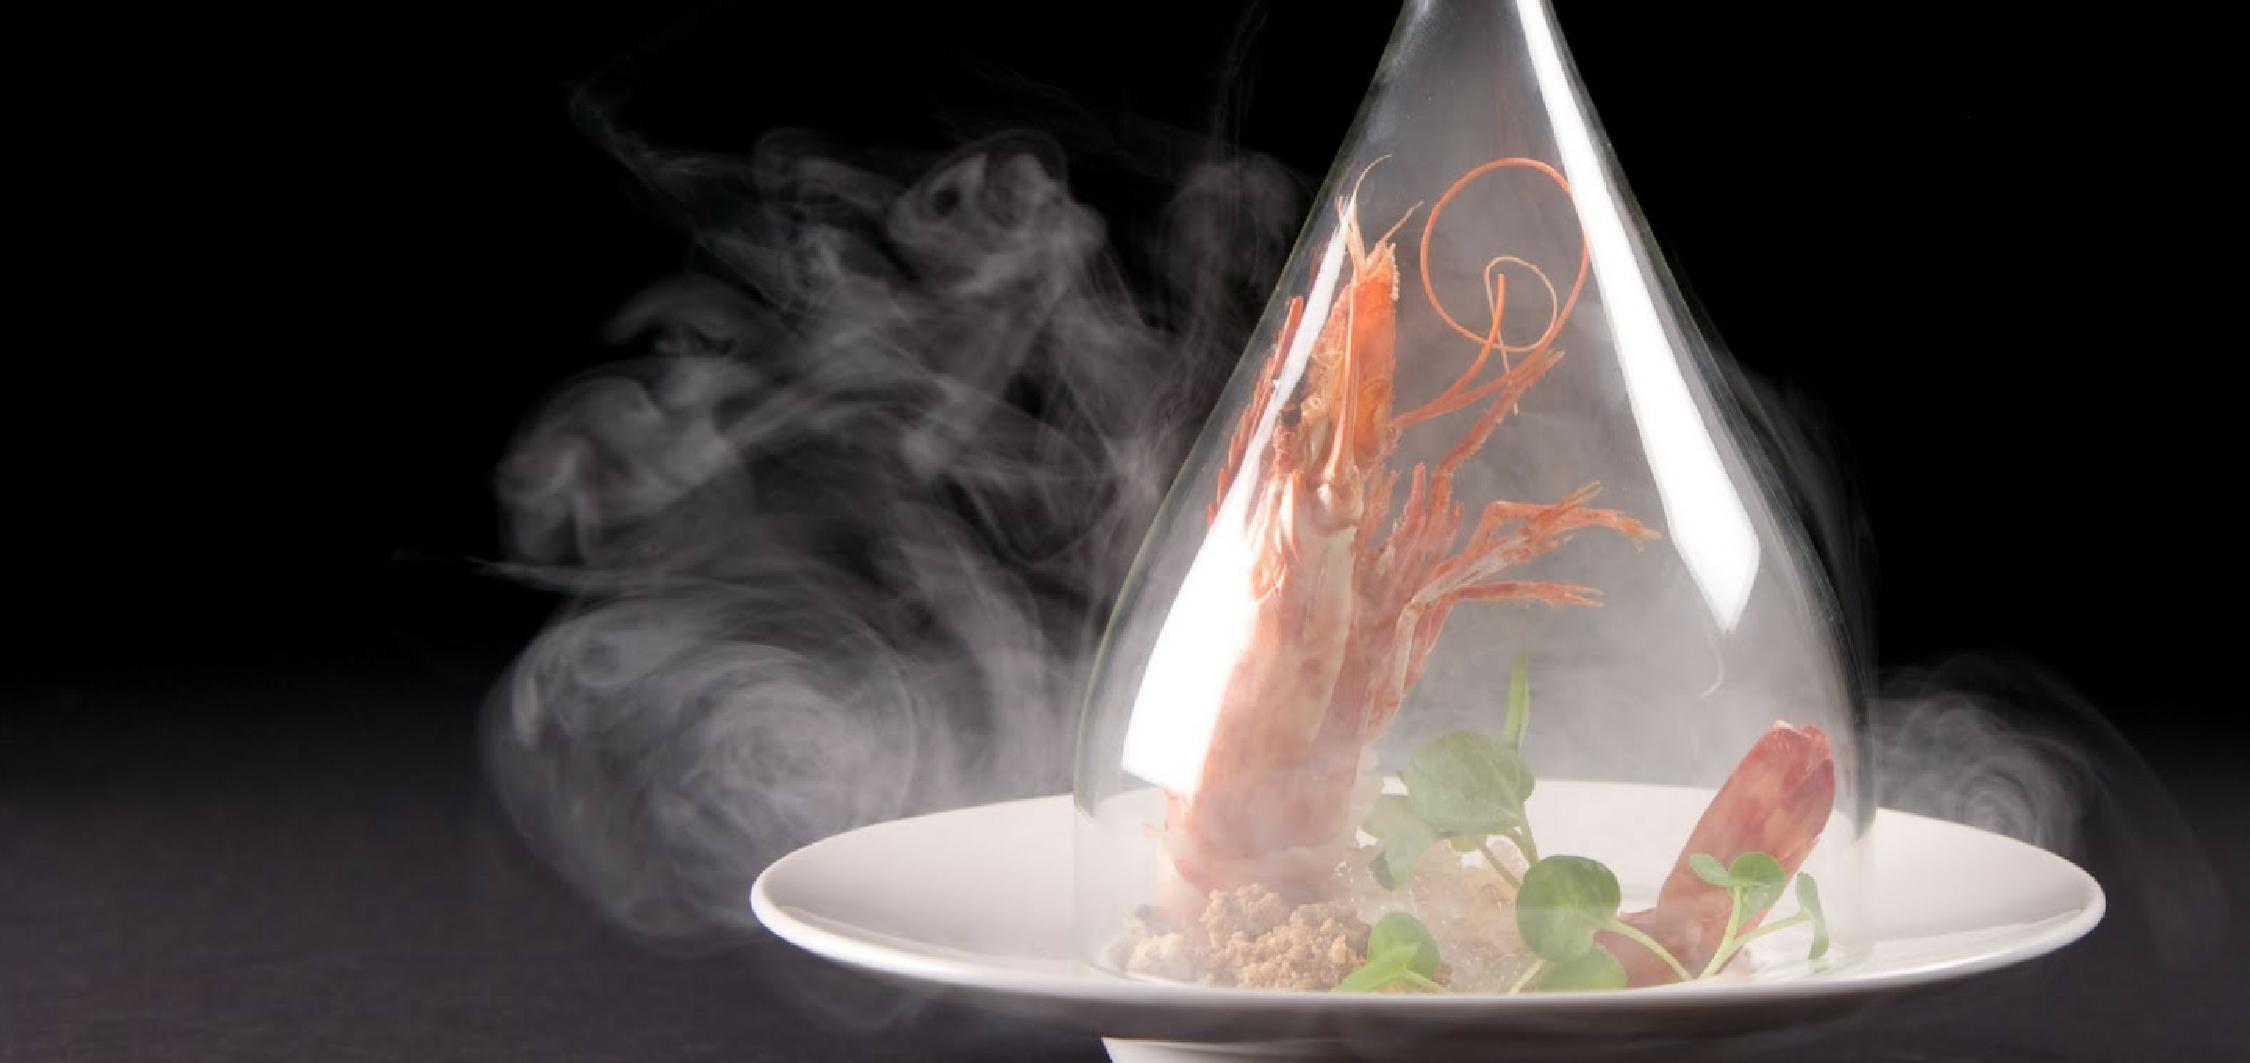 Conoce las 7 t cnicas m s comunes de la gastronom a molecular for Tecnicas de cocina molecular